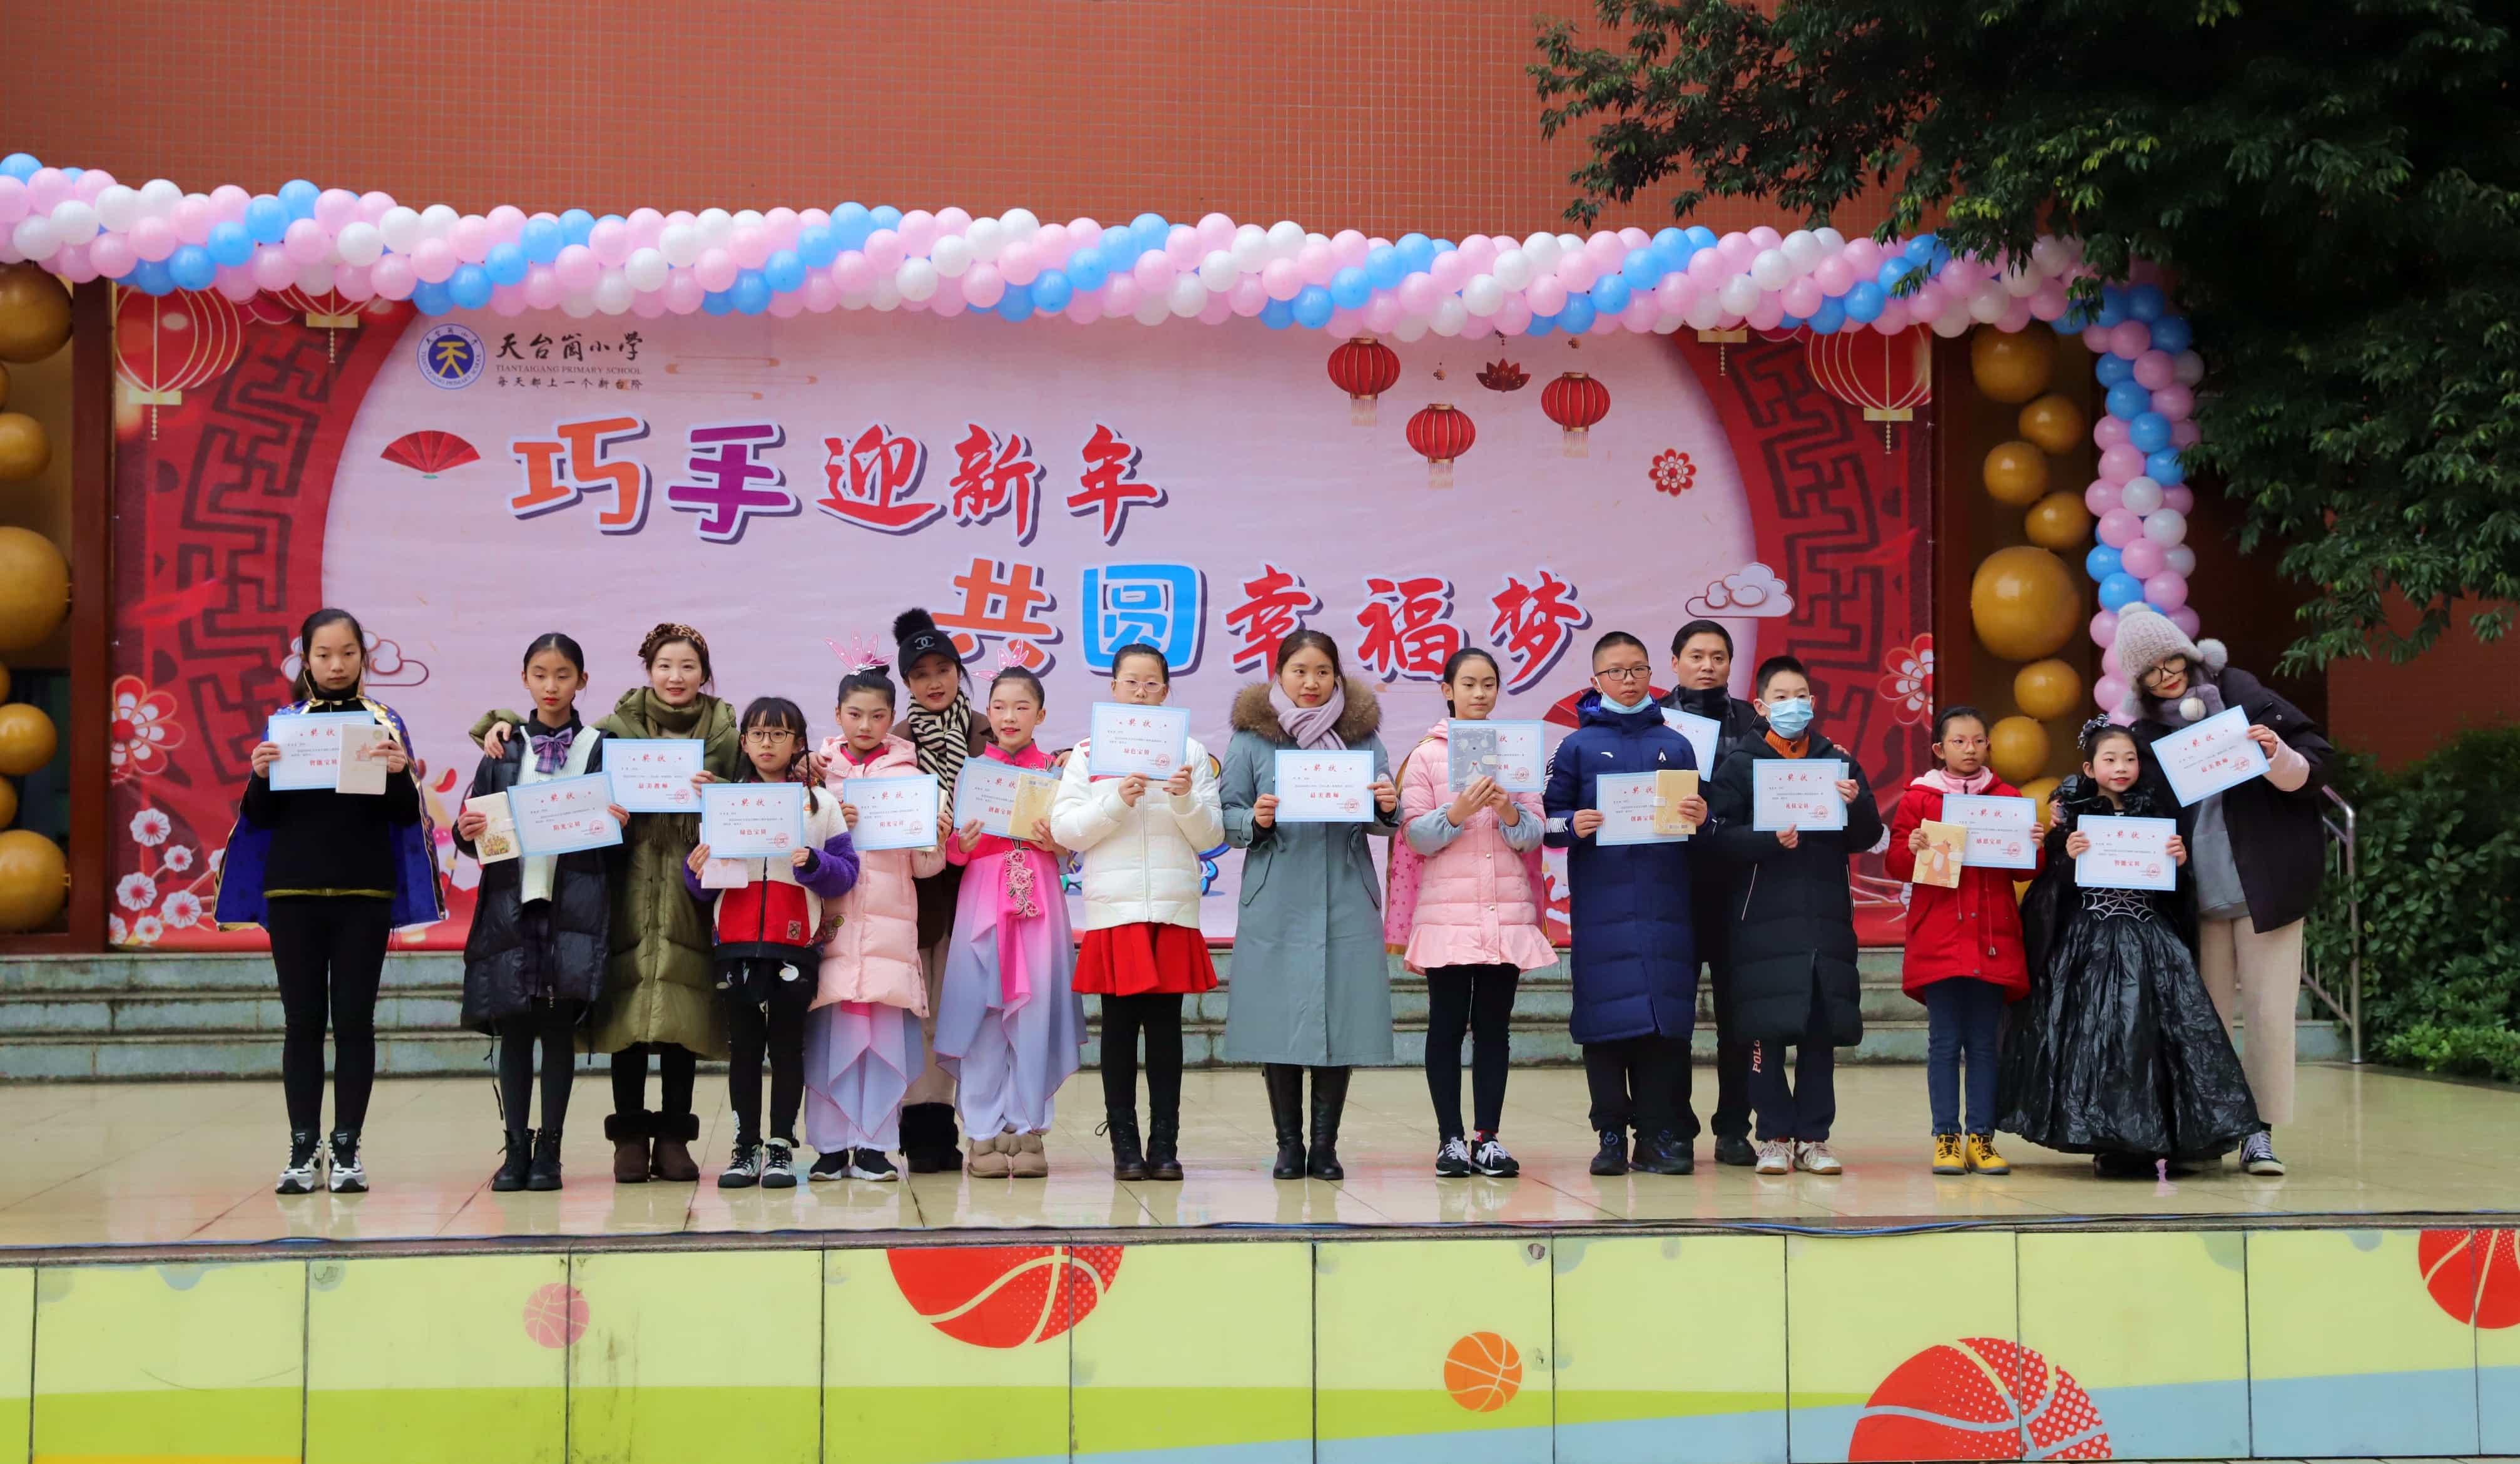 图二:天台岗小学上海城校区的宝贝榜样人物.jpg